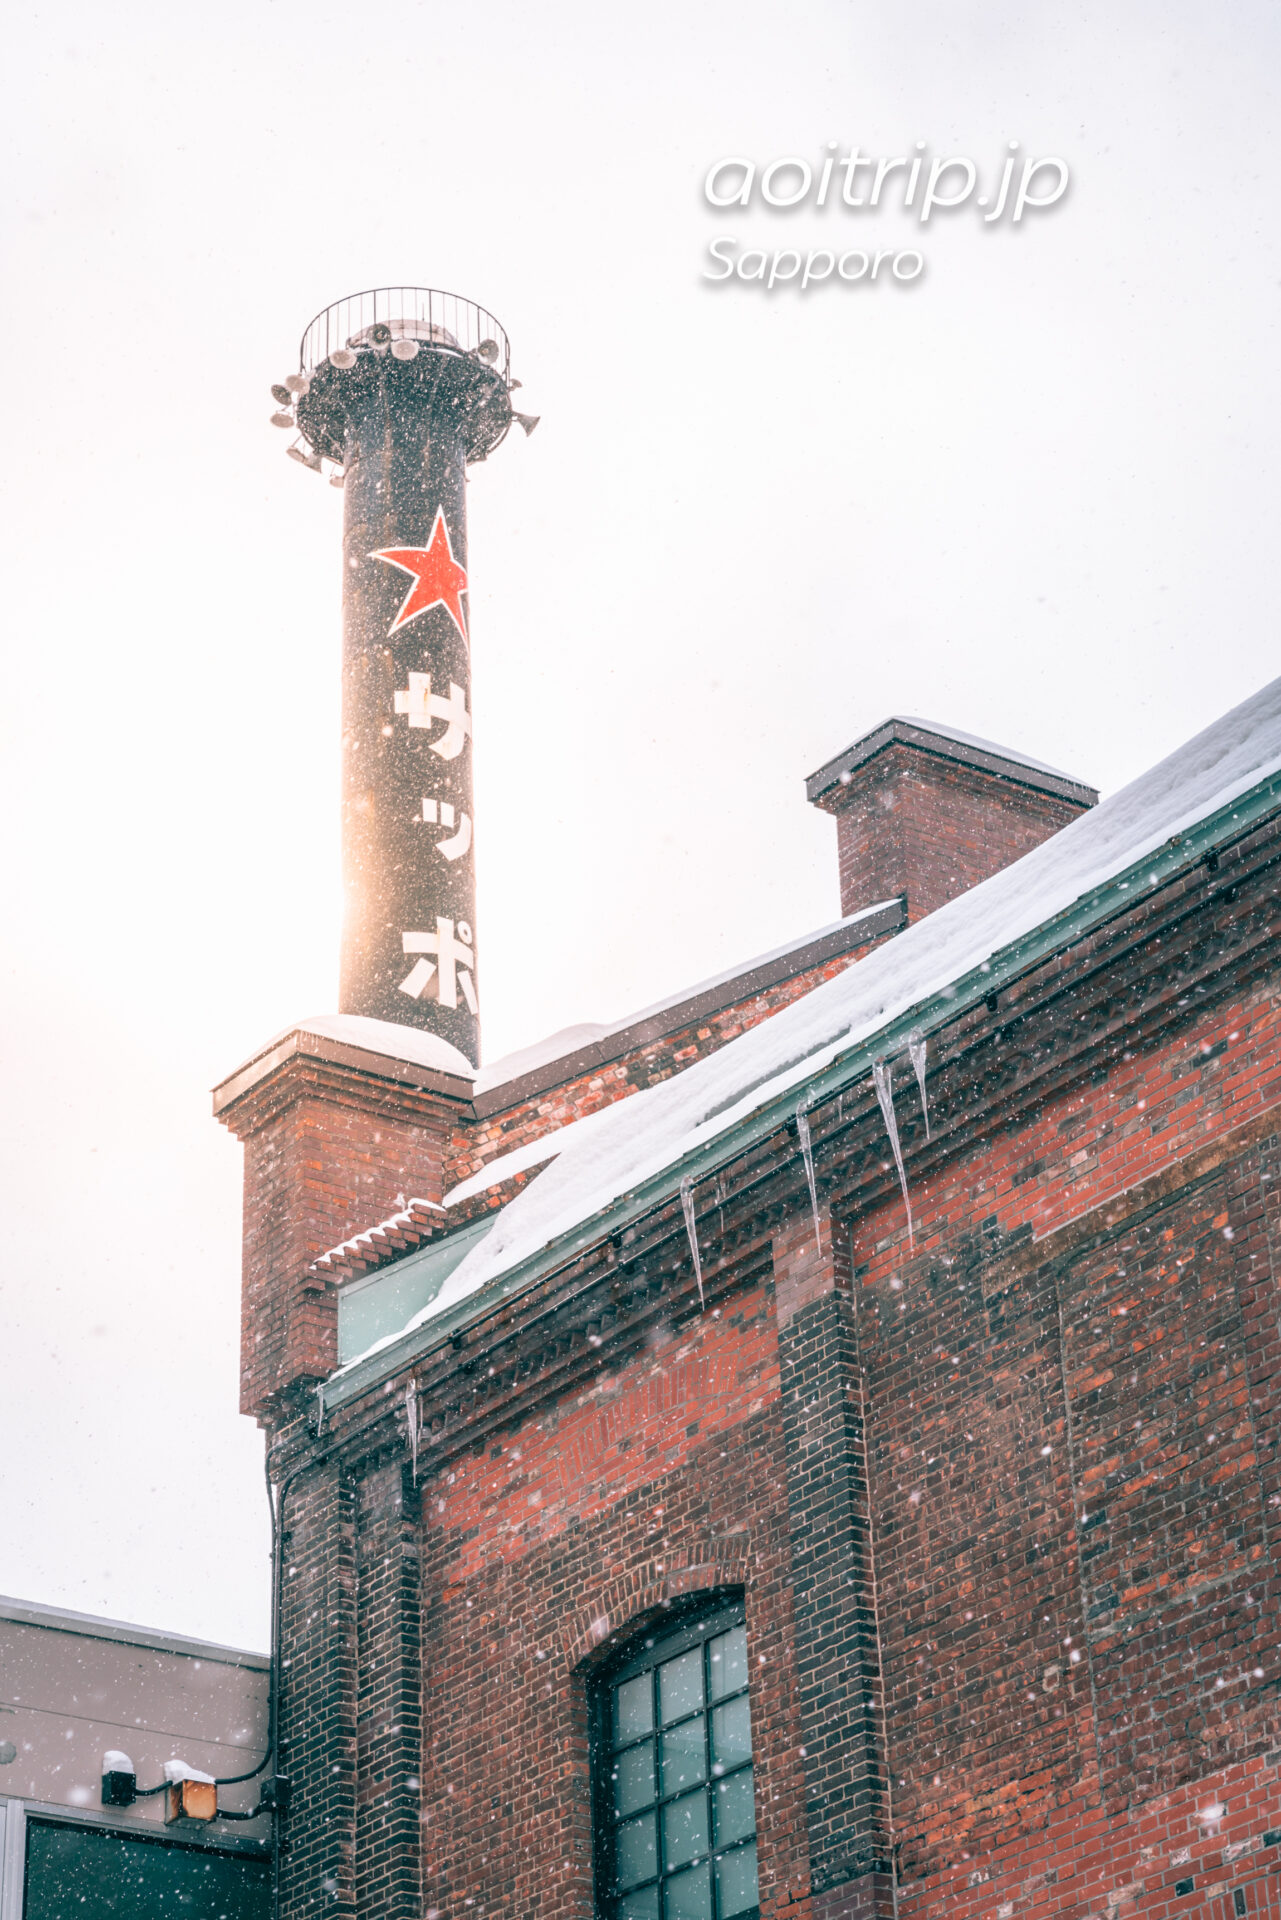 雪の舞う冬のサッポロファクトリー レンガ館